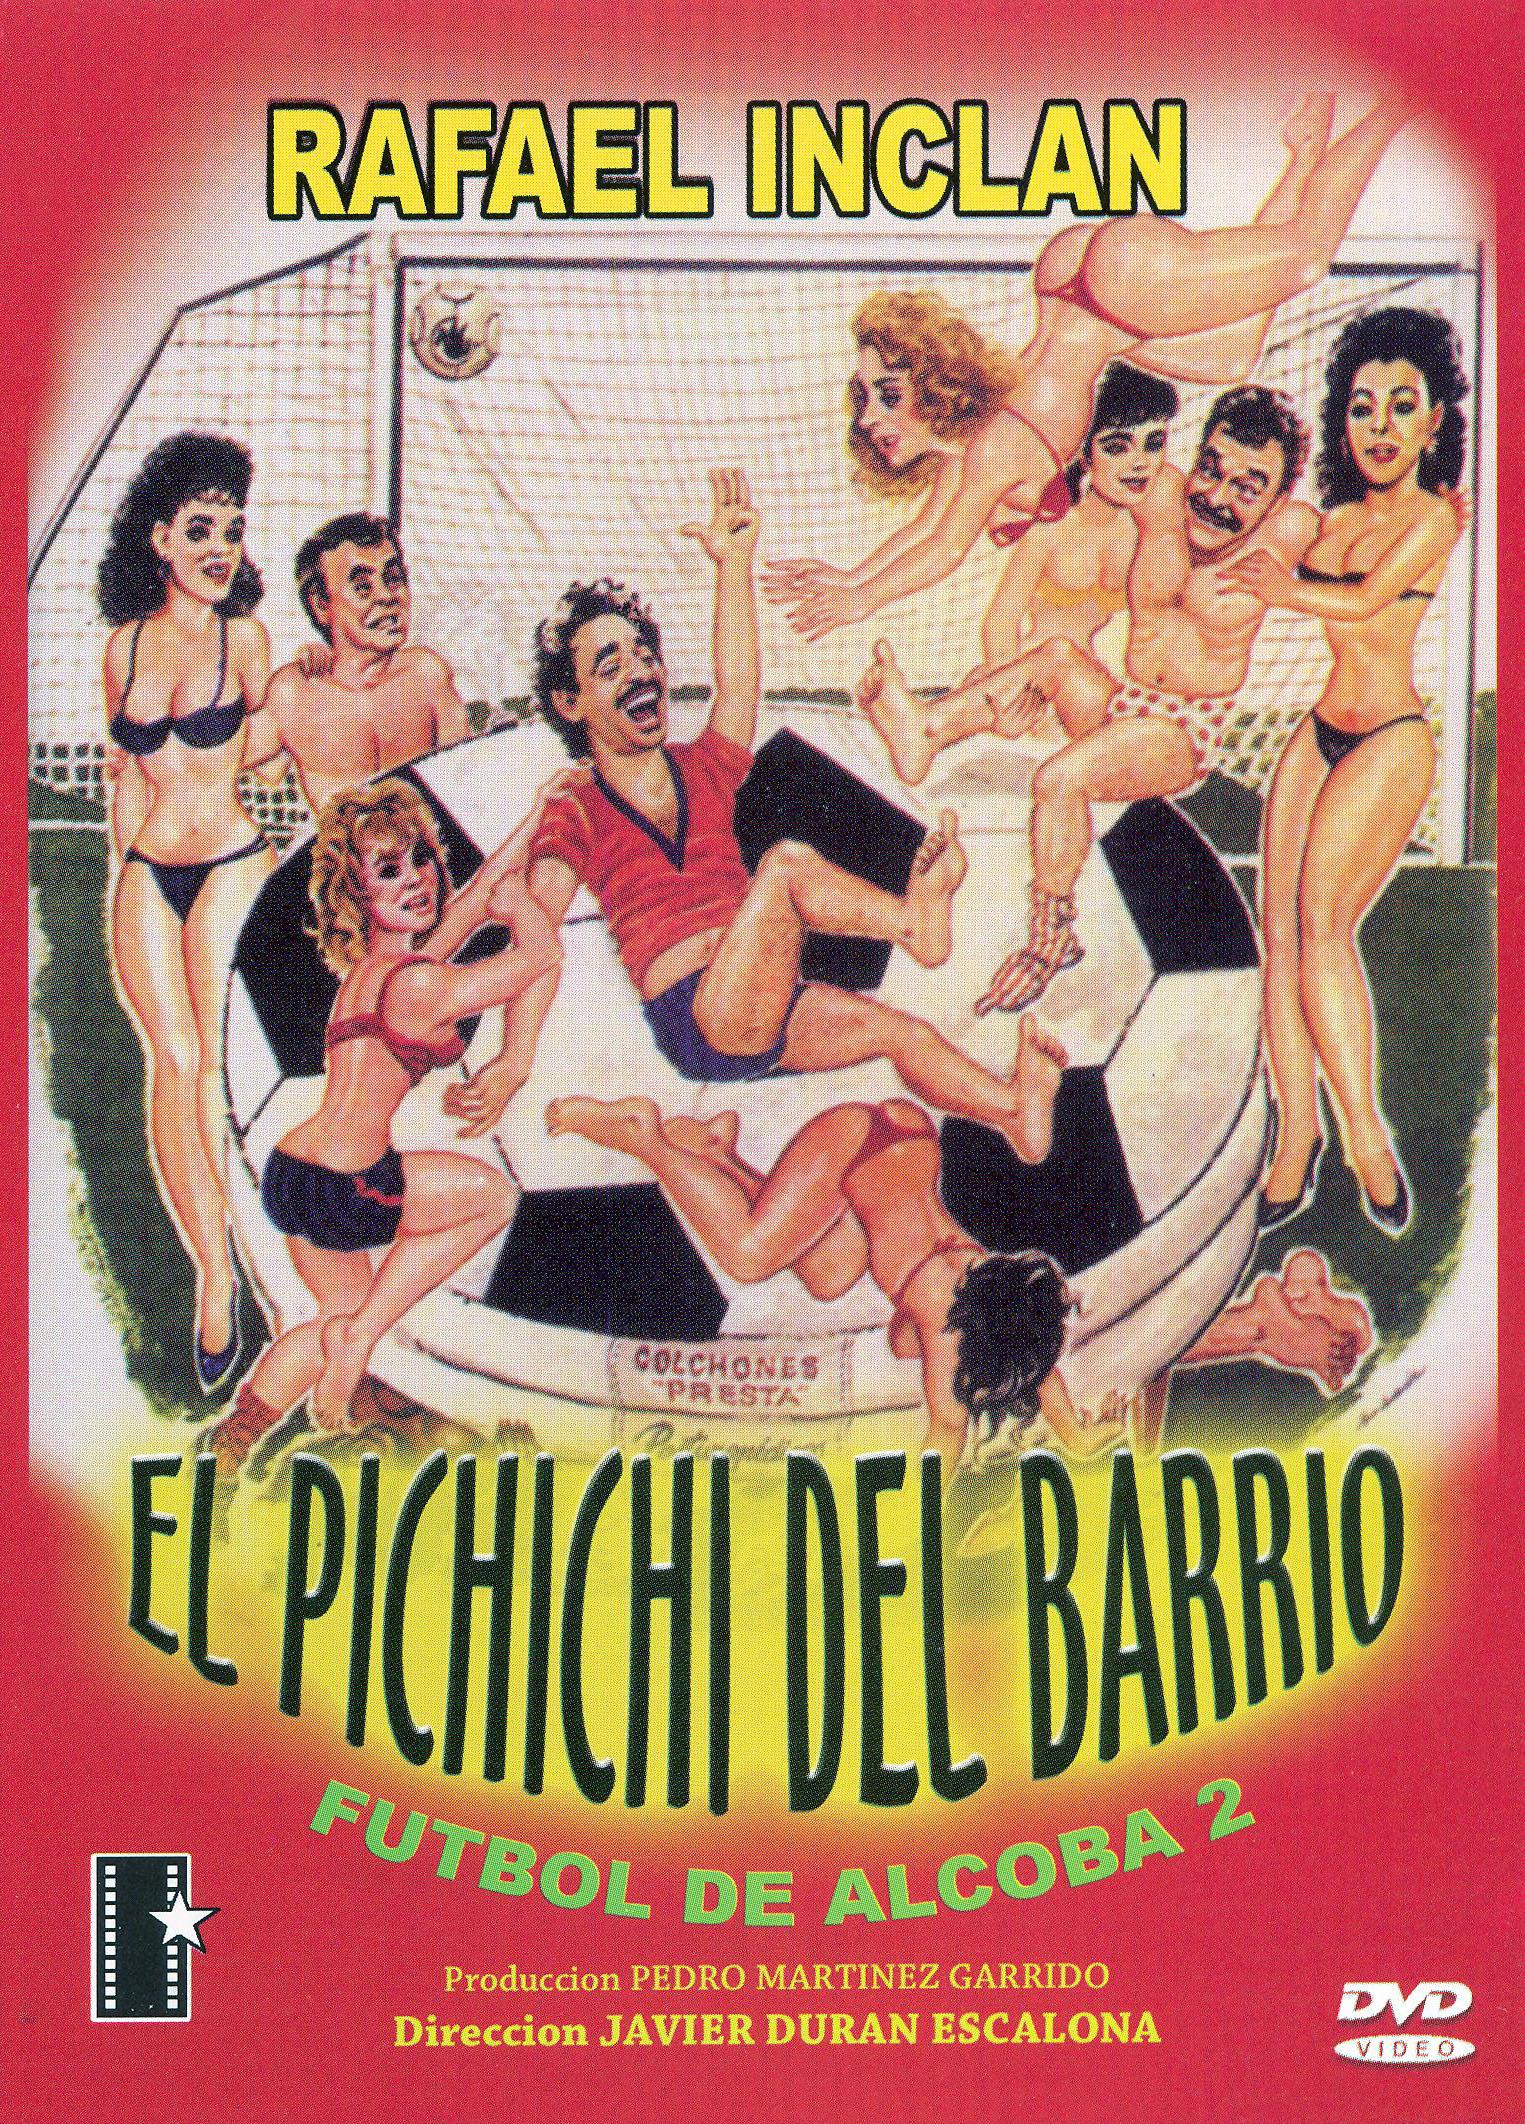 El Pichichi Del Barrio